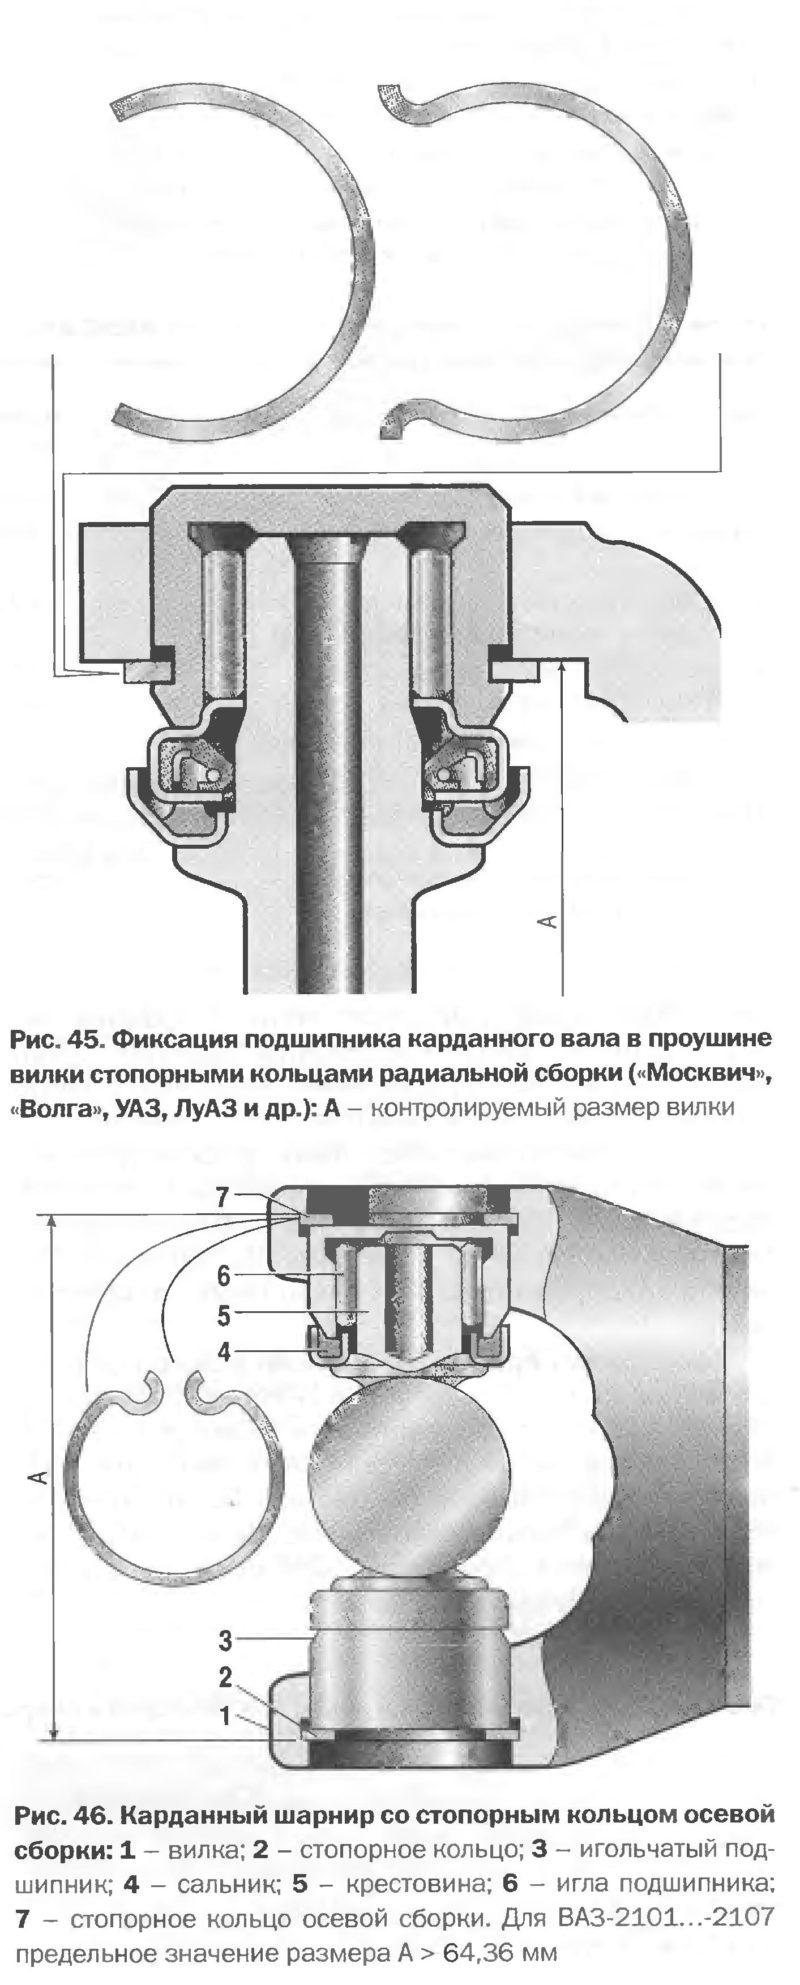 Карданный шарнир со стопорным кольцом осевой сборки